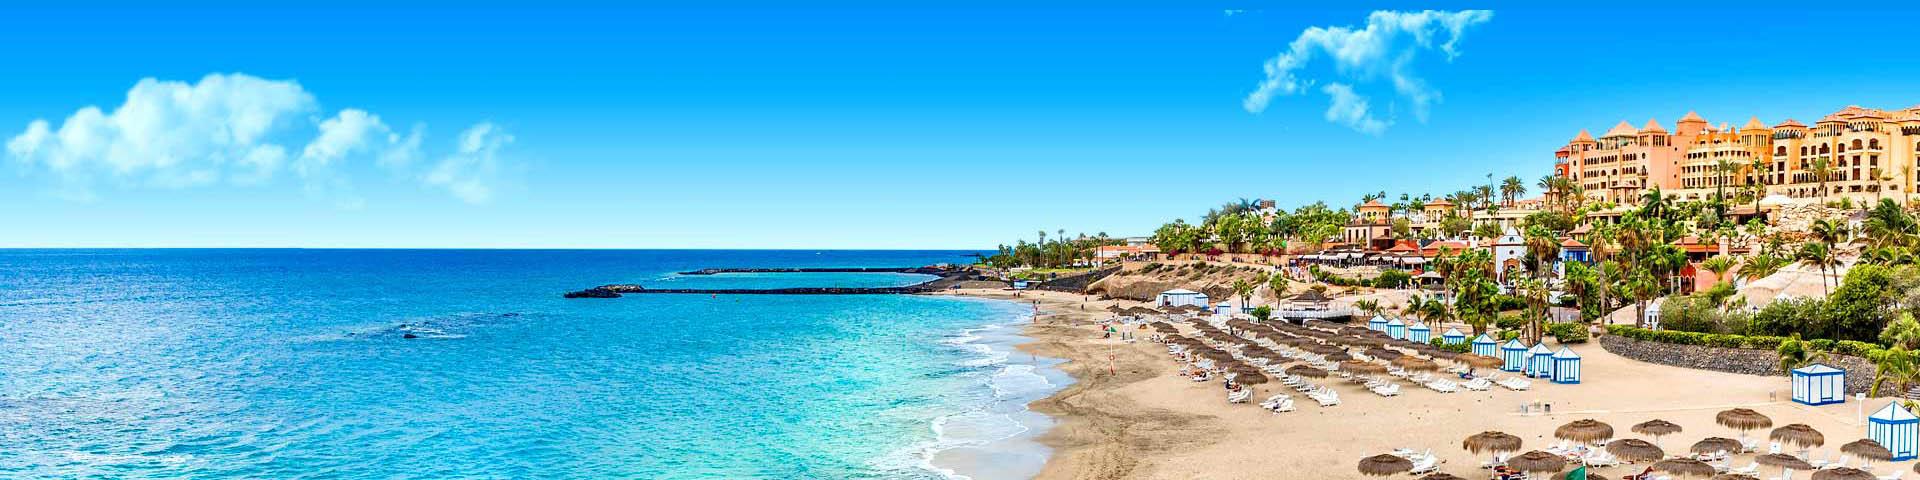 De blauwe zee en het strand in Costa Adeje